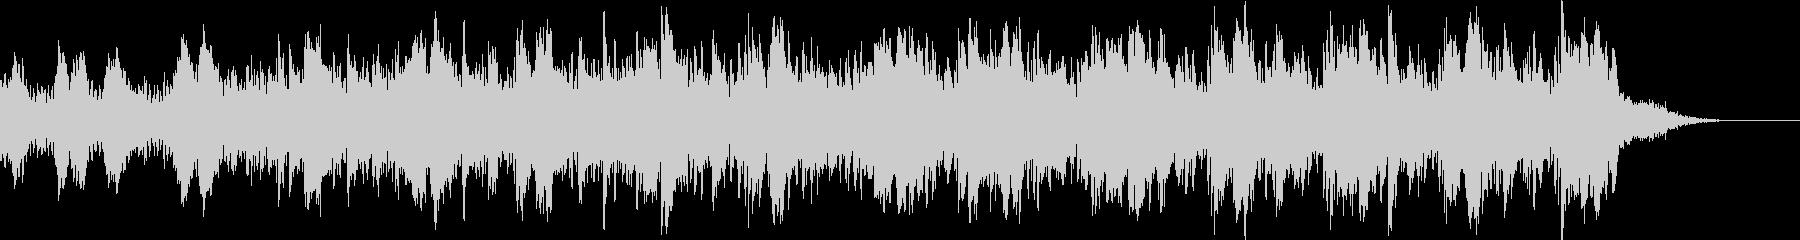 ピアノと電子の先進的な曲 happy の未再生の波形